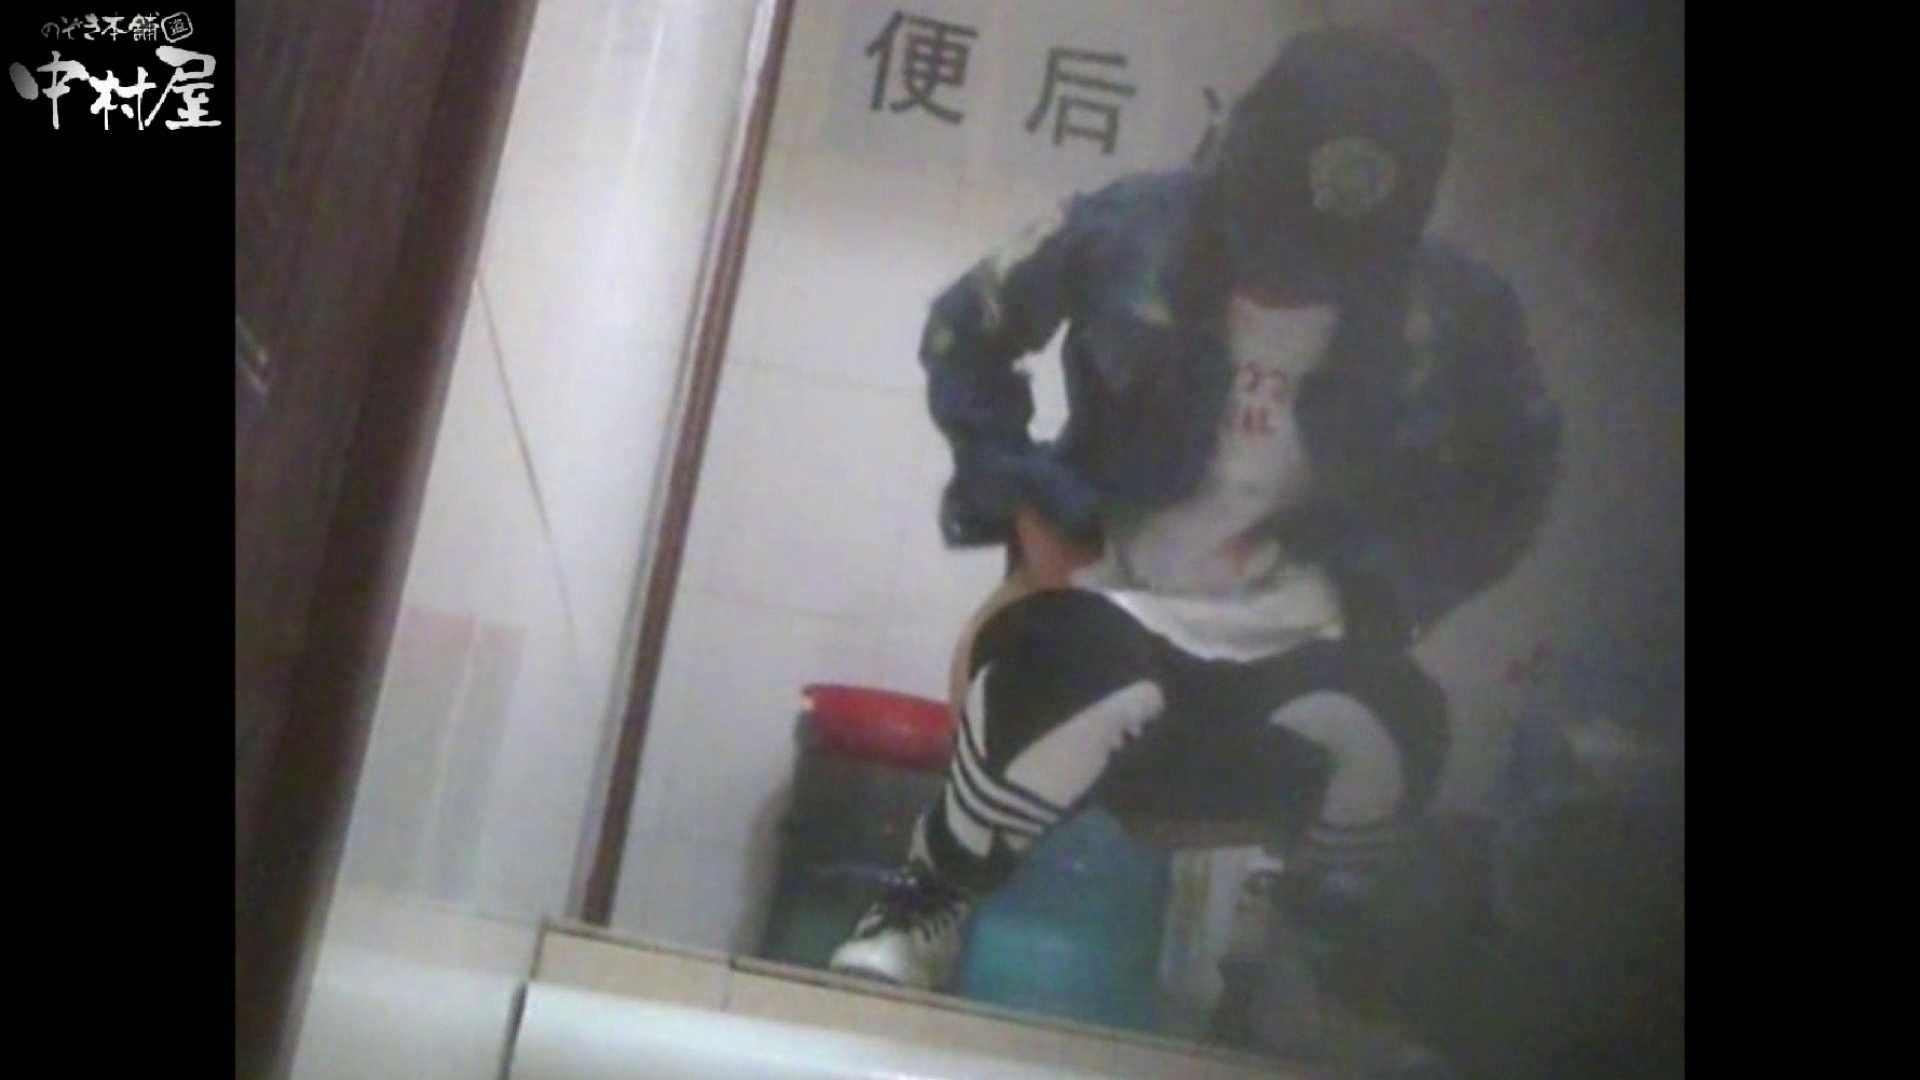 李さんの盗撮日記 Vol.13 盗撮 おまんこ動画流出 109画像 77